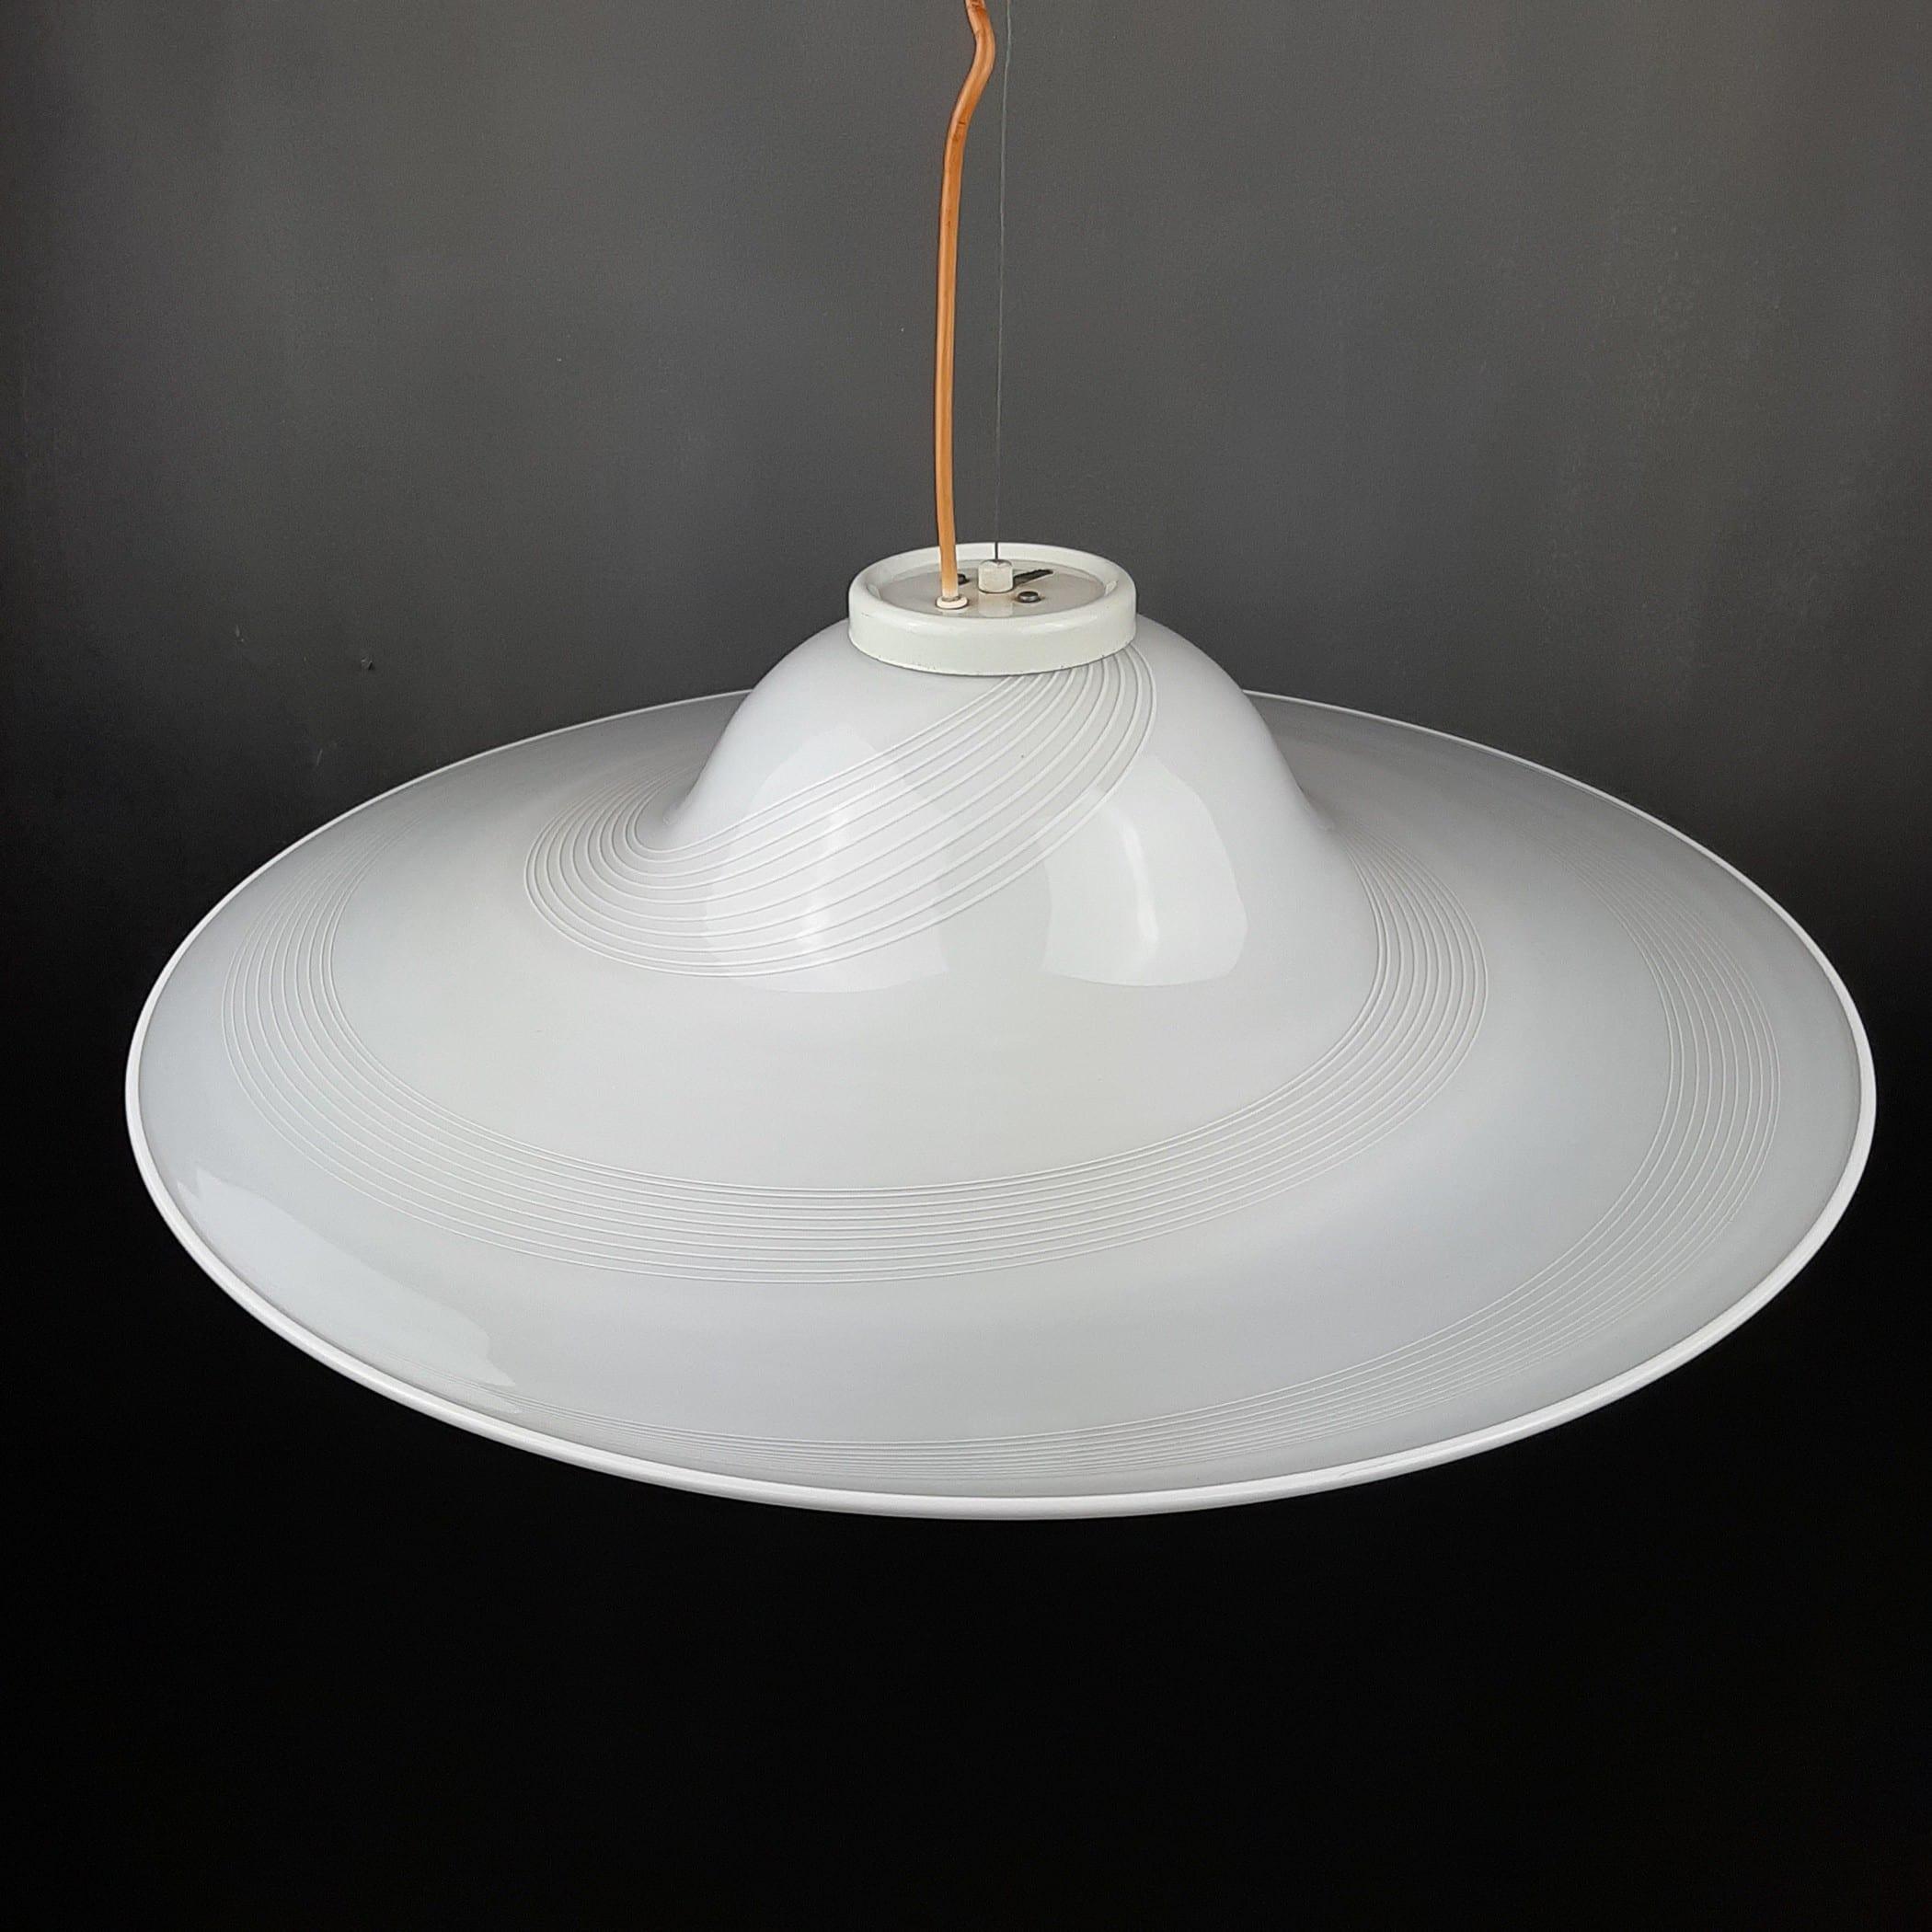 XXL Mid-century white murano glass pendant lamp Italy 1970s Retro lighting Space age UFO swirl lamp